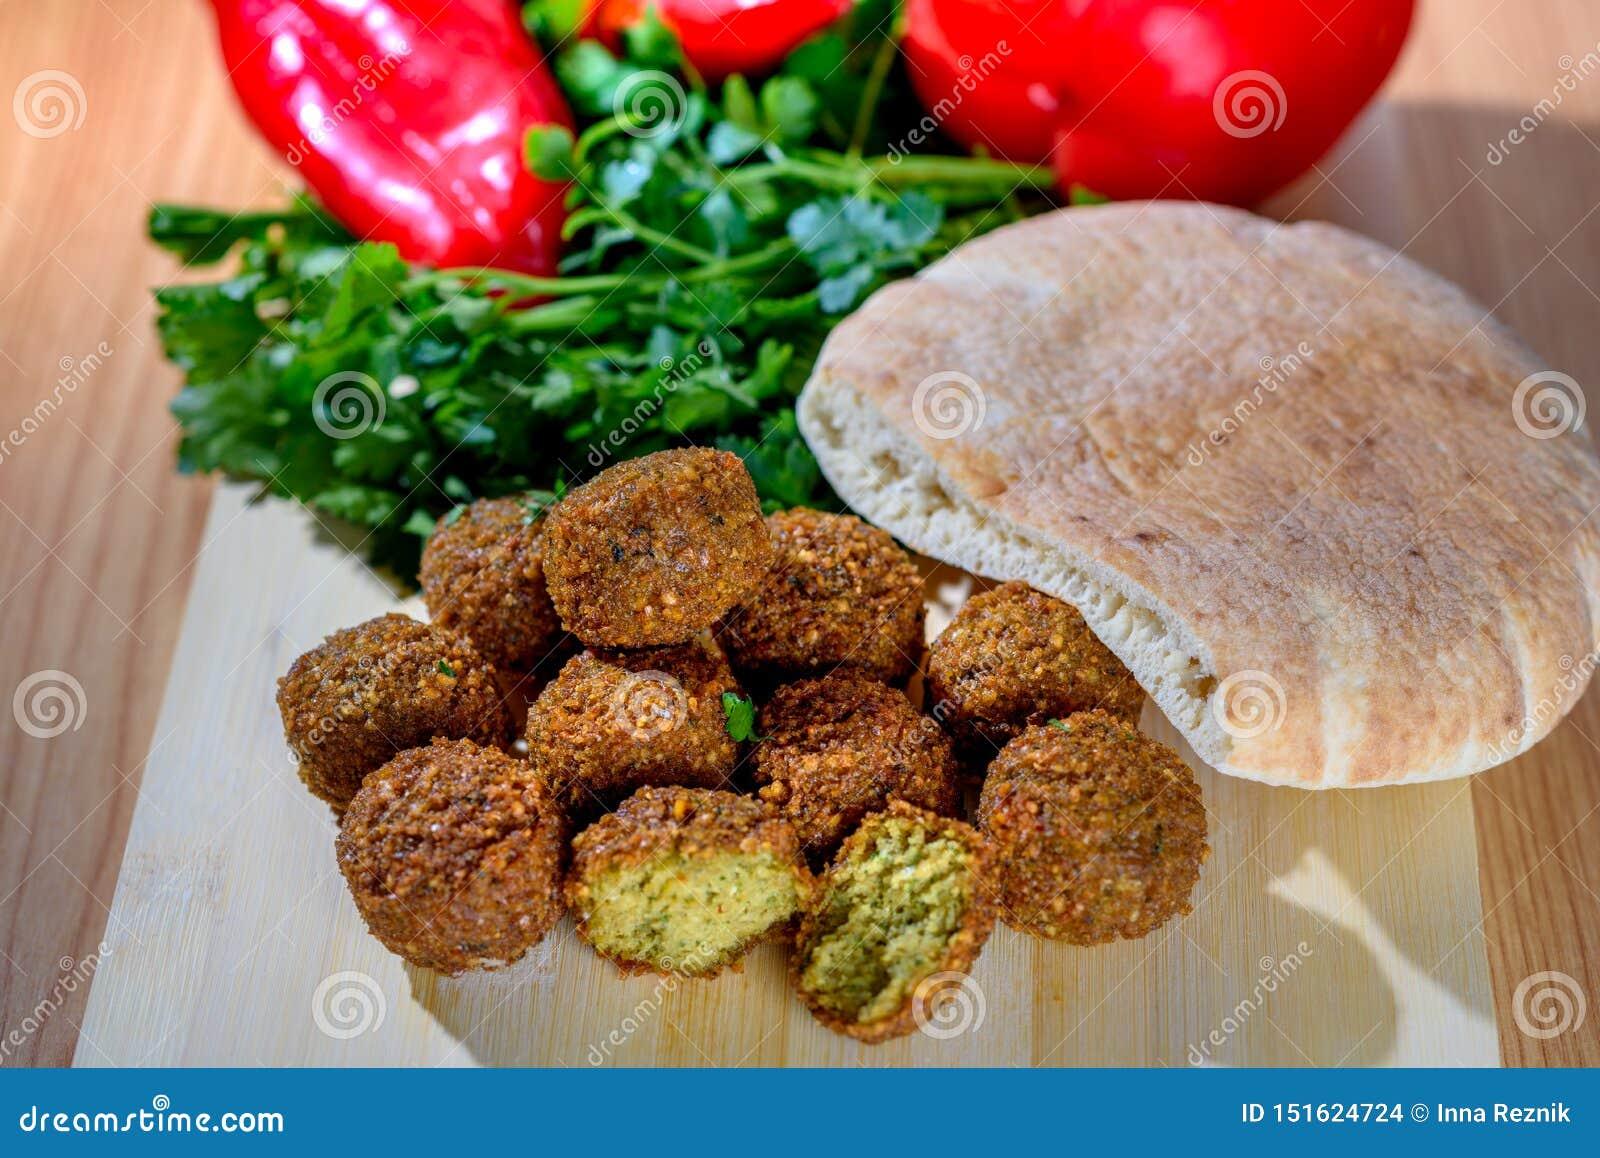 Шарики Falafel, сладкий красный пеец, хлеб пита-аравийца и зеленая свежая петрушка на деревянной деревенской предпосылке